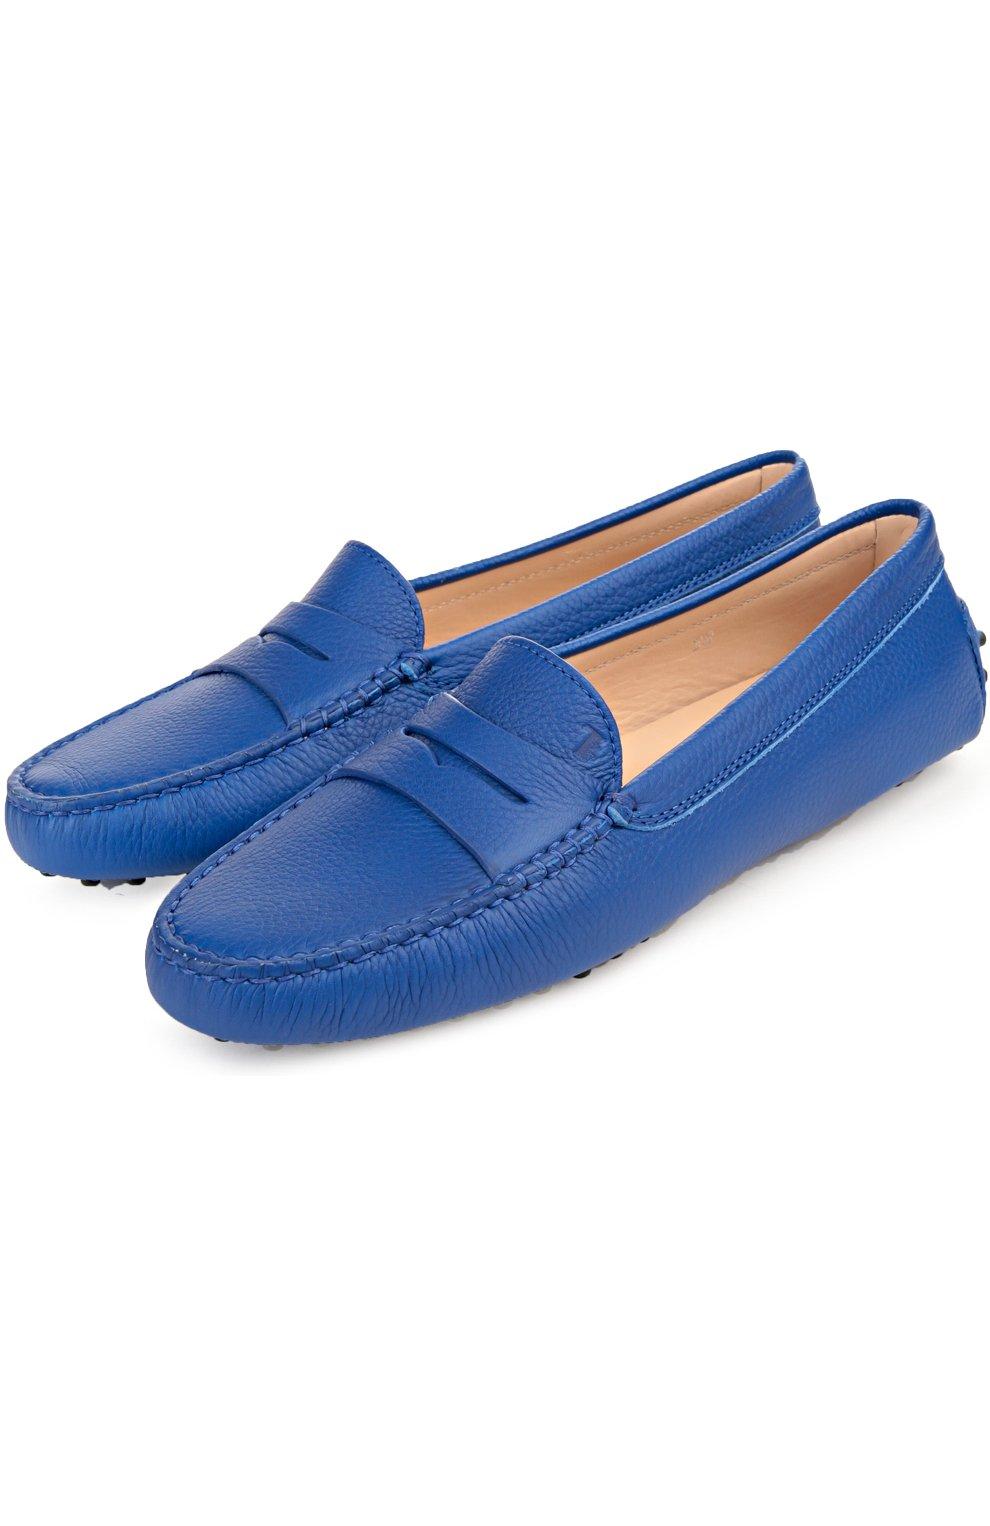 Кожаные мокасины Gommini Tod's синие   Фото №2